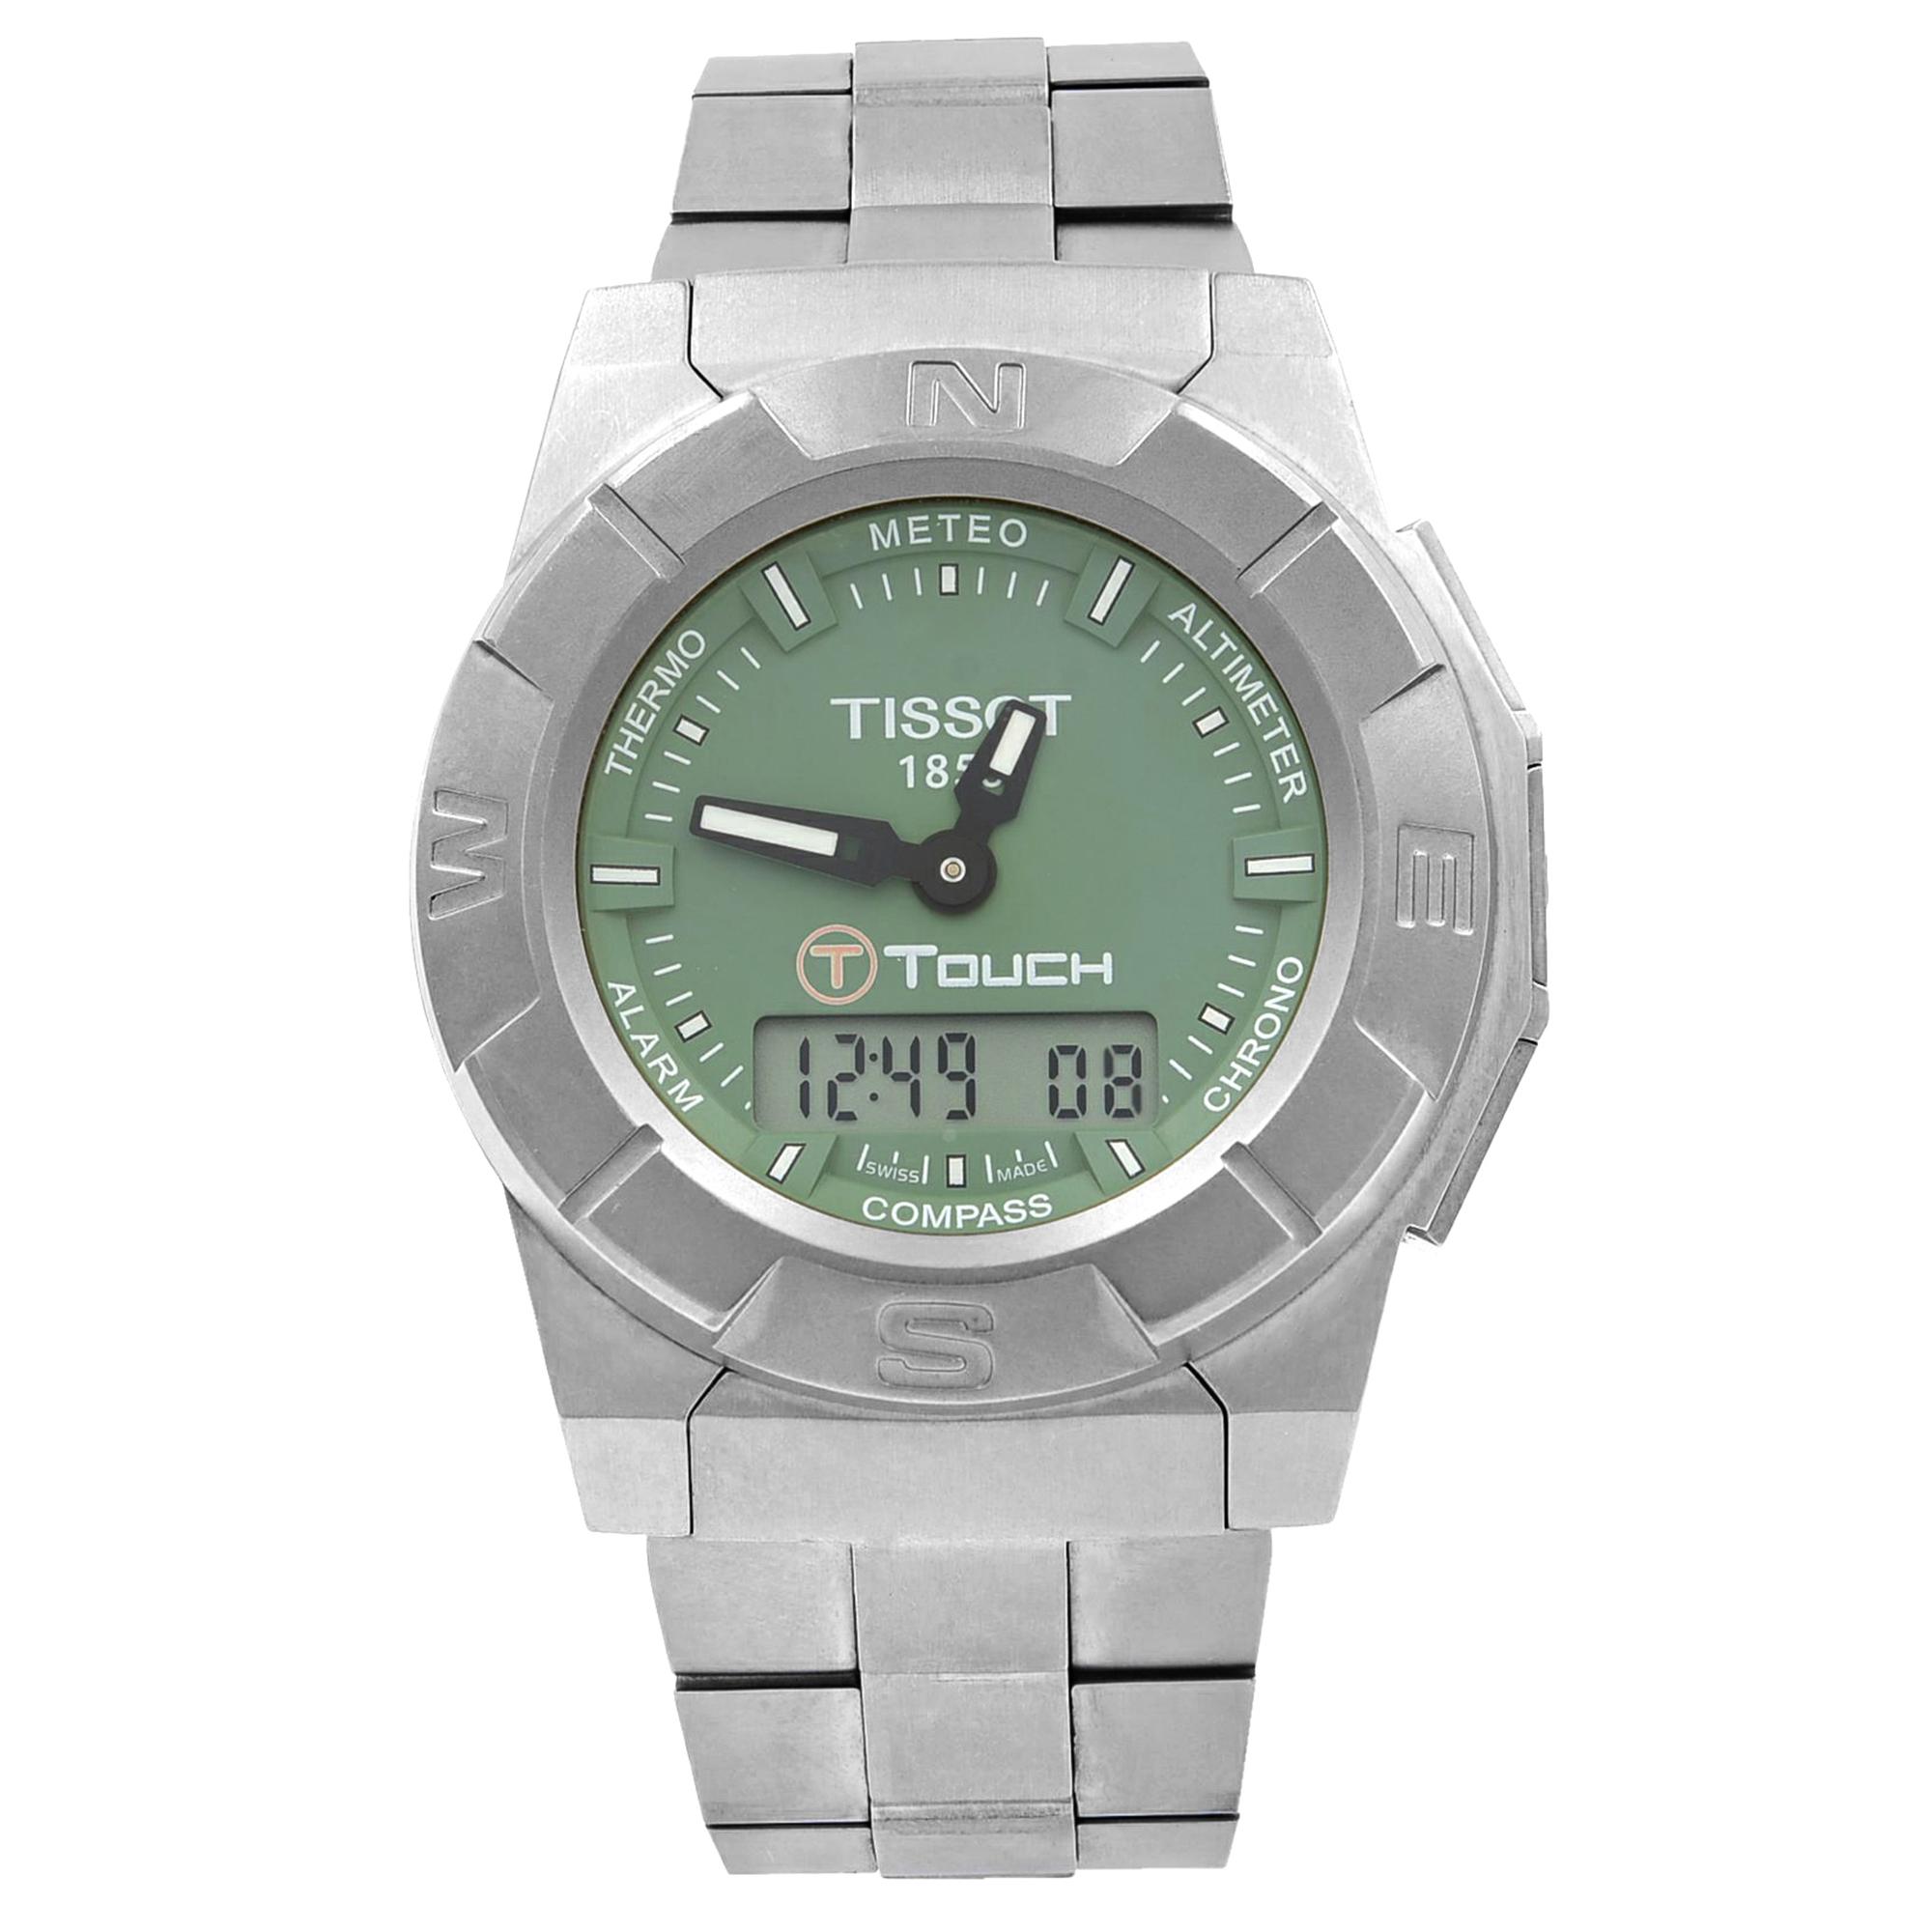 Tissot T-Touch Trekking T001 520 44 091 00 42mm Mens Watch